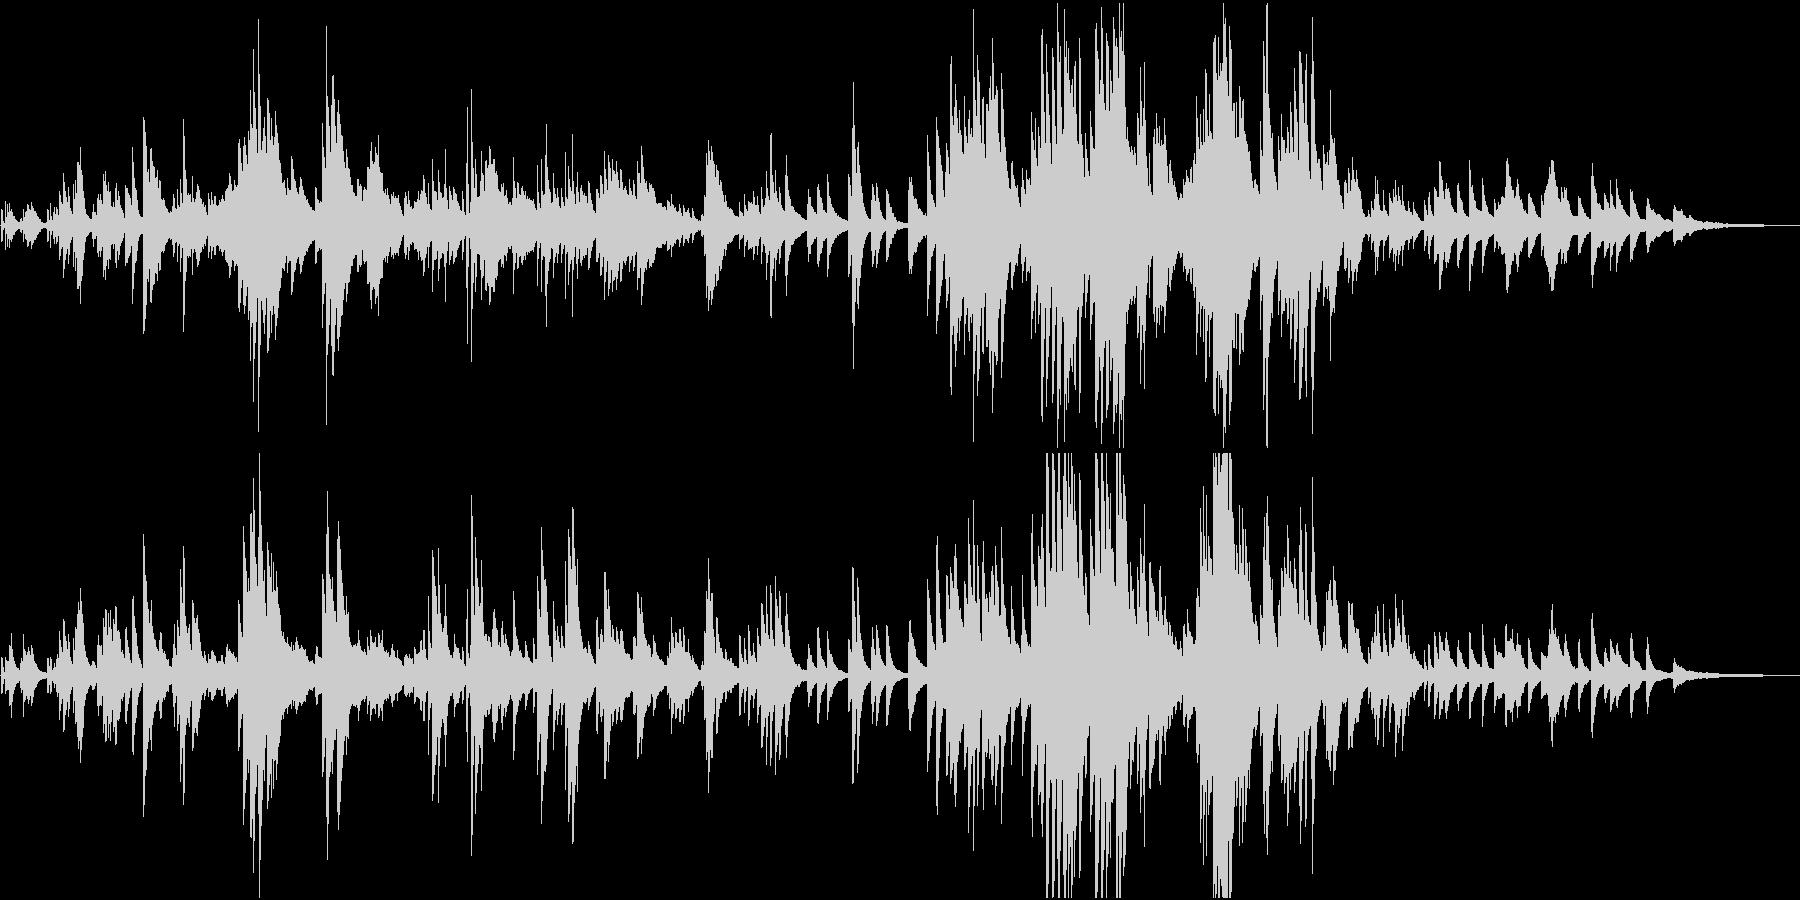 生演奏 プラネタリウム風ピアノソロの未再生の波形